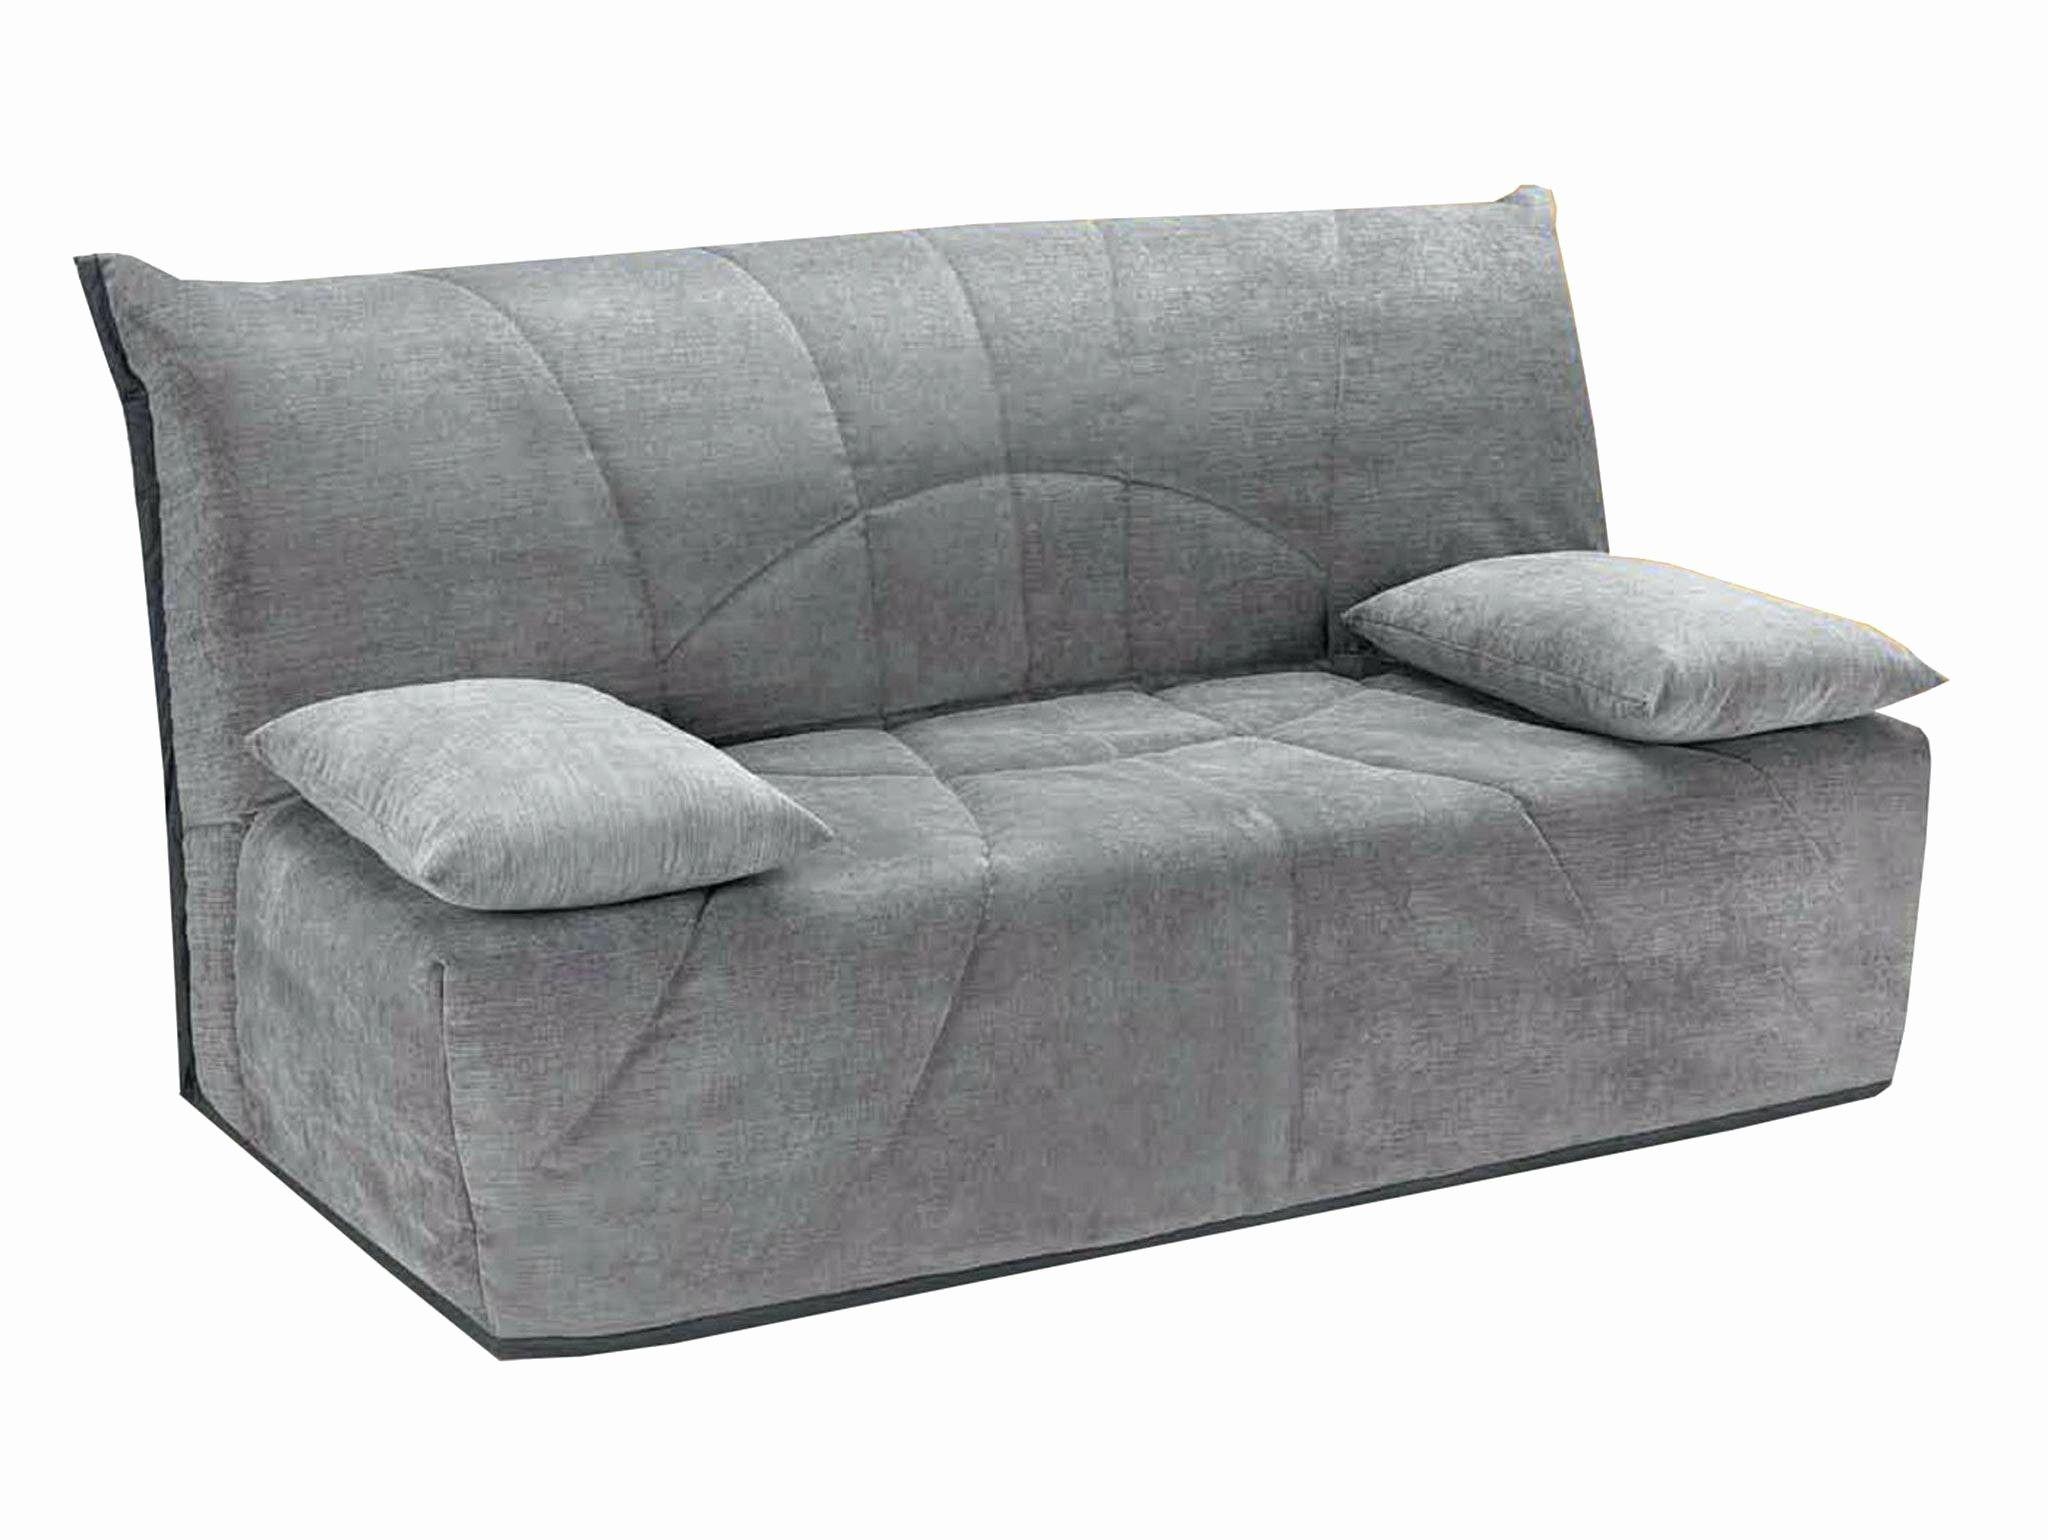 Fresh Fauteuil Lit Pliant Ikea Sofa Bed Cover Ikea Sofa Bed Leather Sofa Covers